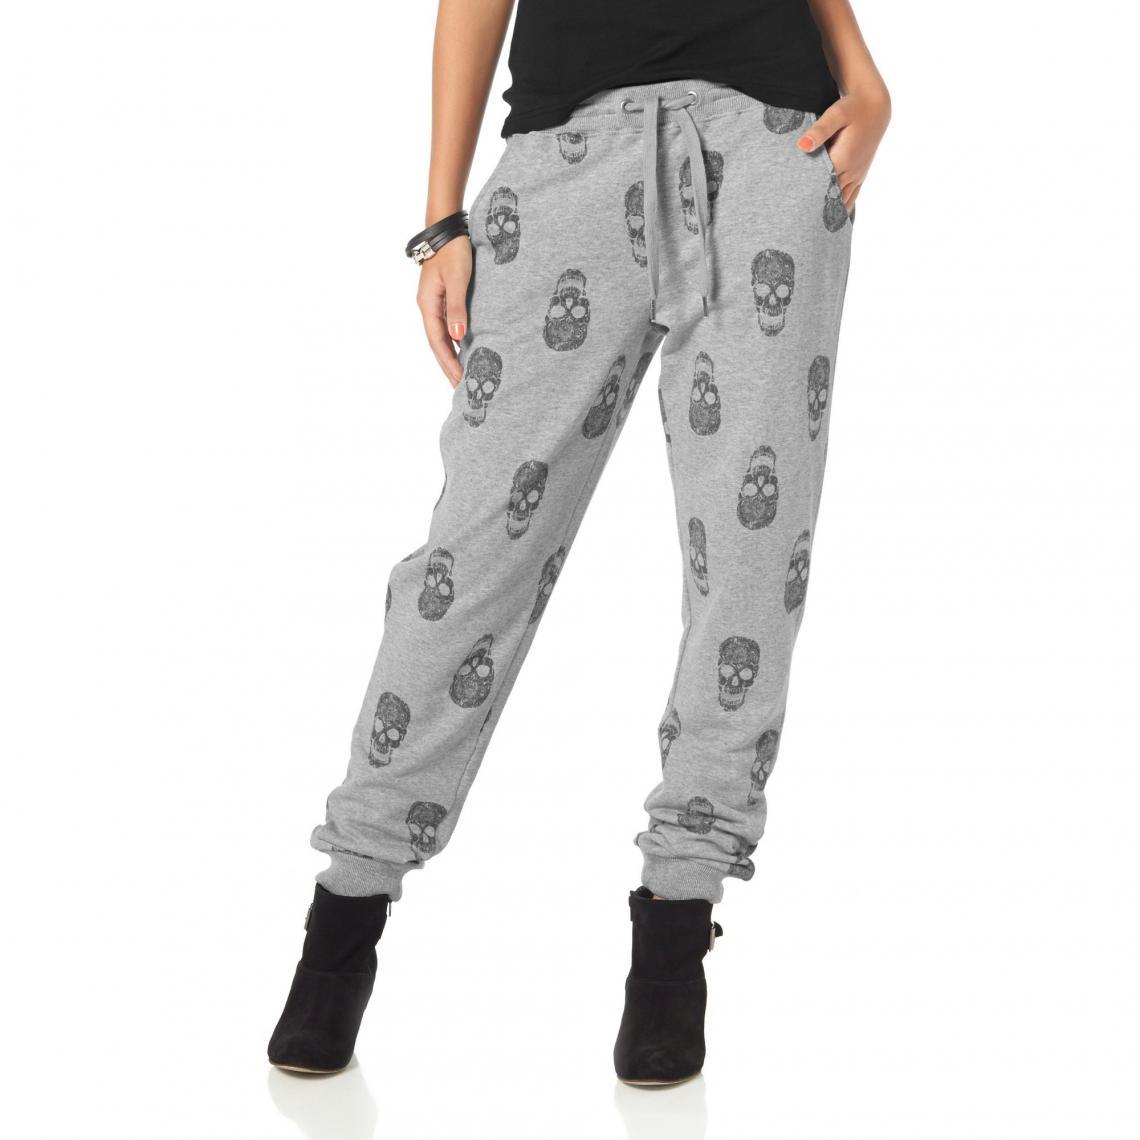 Pantalon jogging femme en molleton imprimé têtes de mort AJC - Gris AJC  Femme cebab77e0e0